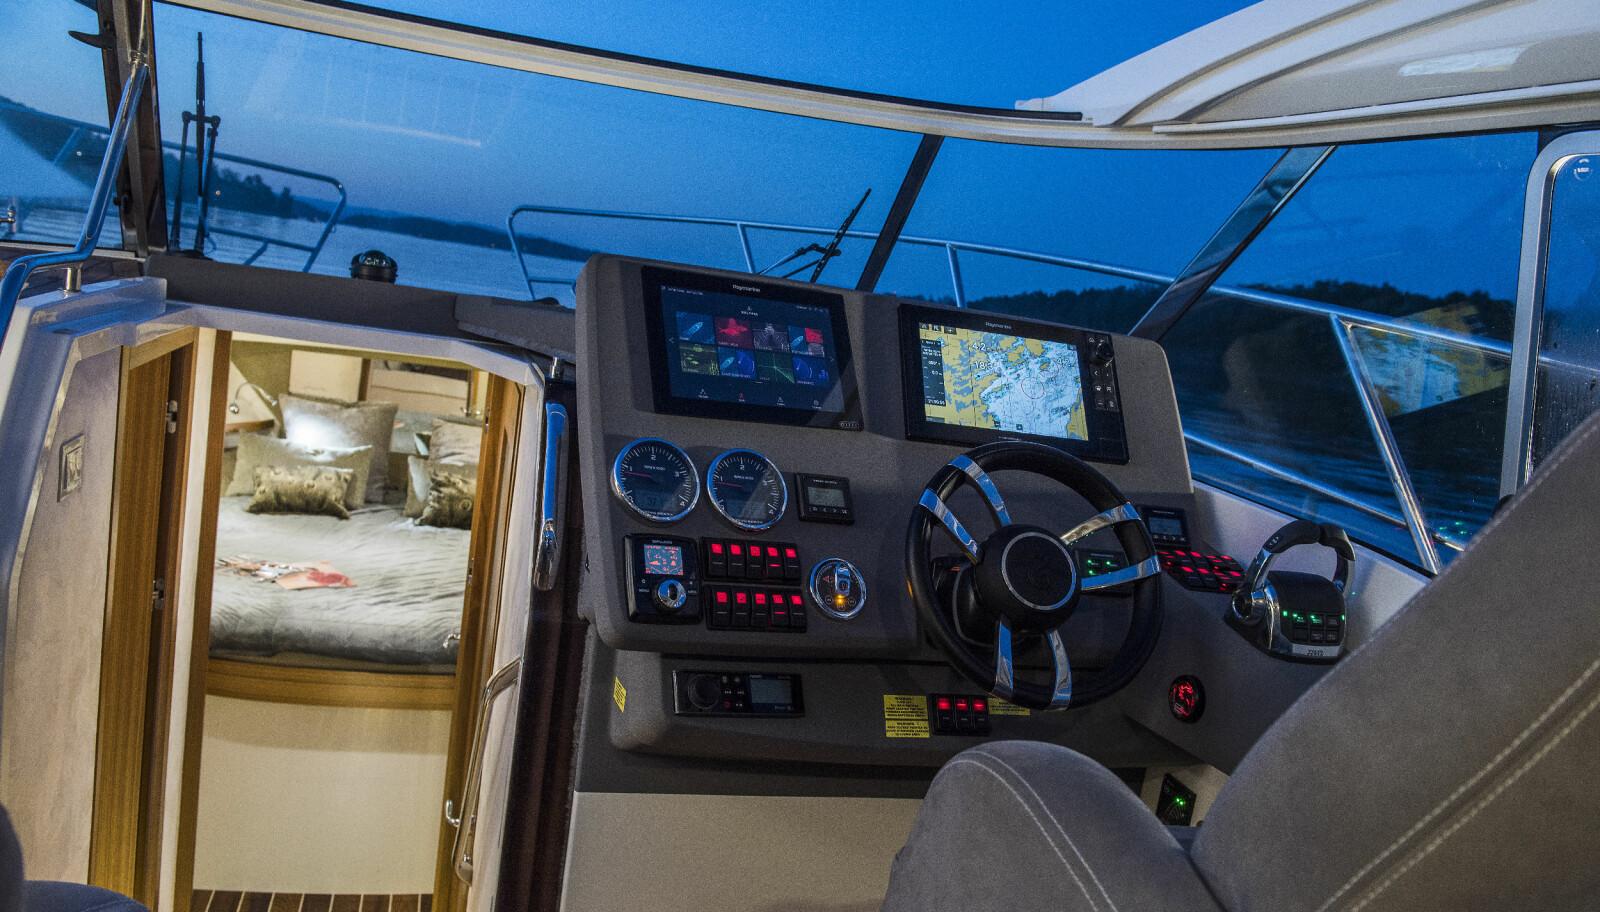 SMART: Oppbygningen av dashbordet gjører førerplassen tett og oversiktelig.